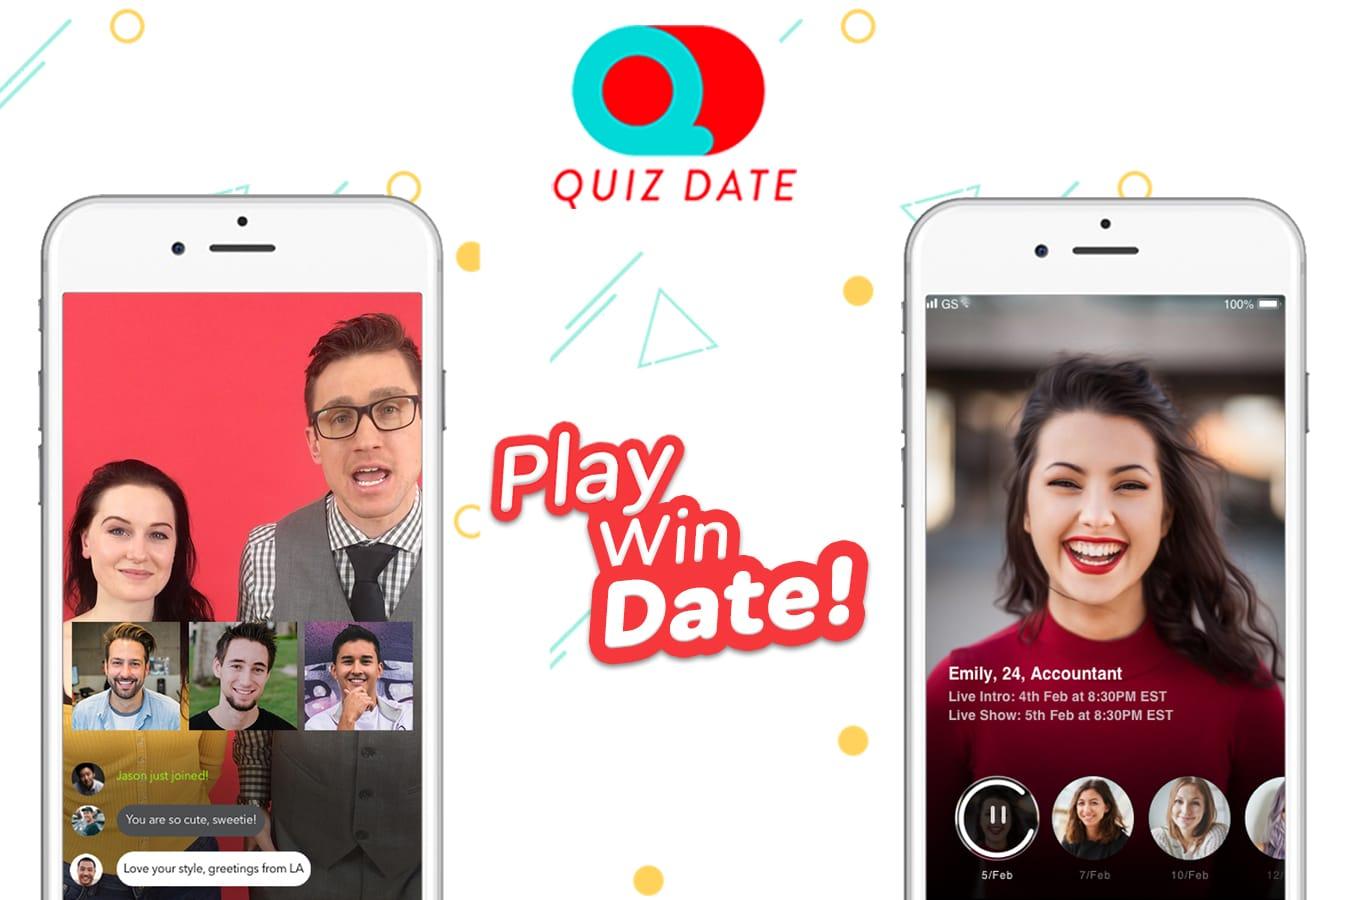 Novo app de relacionamento forma casais em jogo de perguntas e respostas